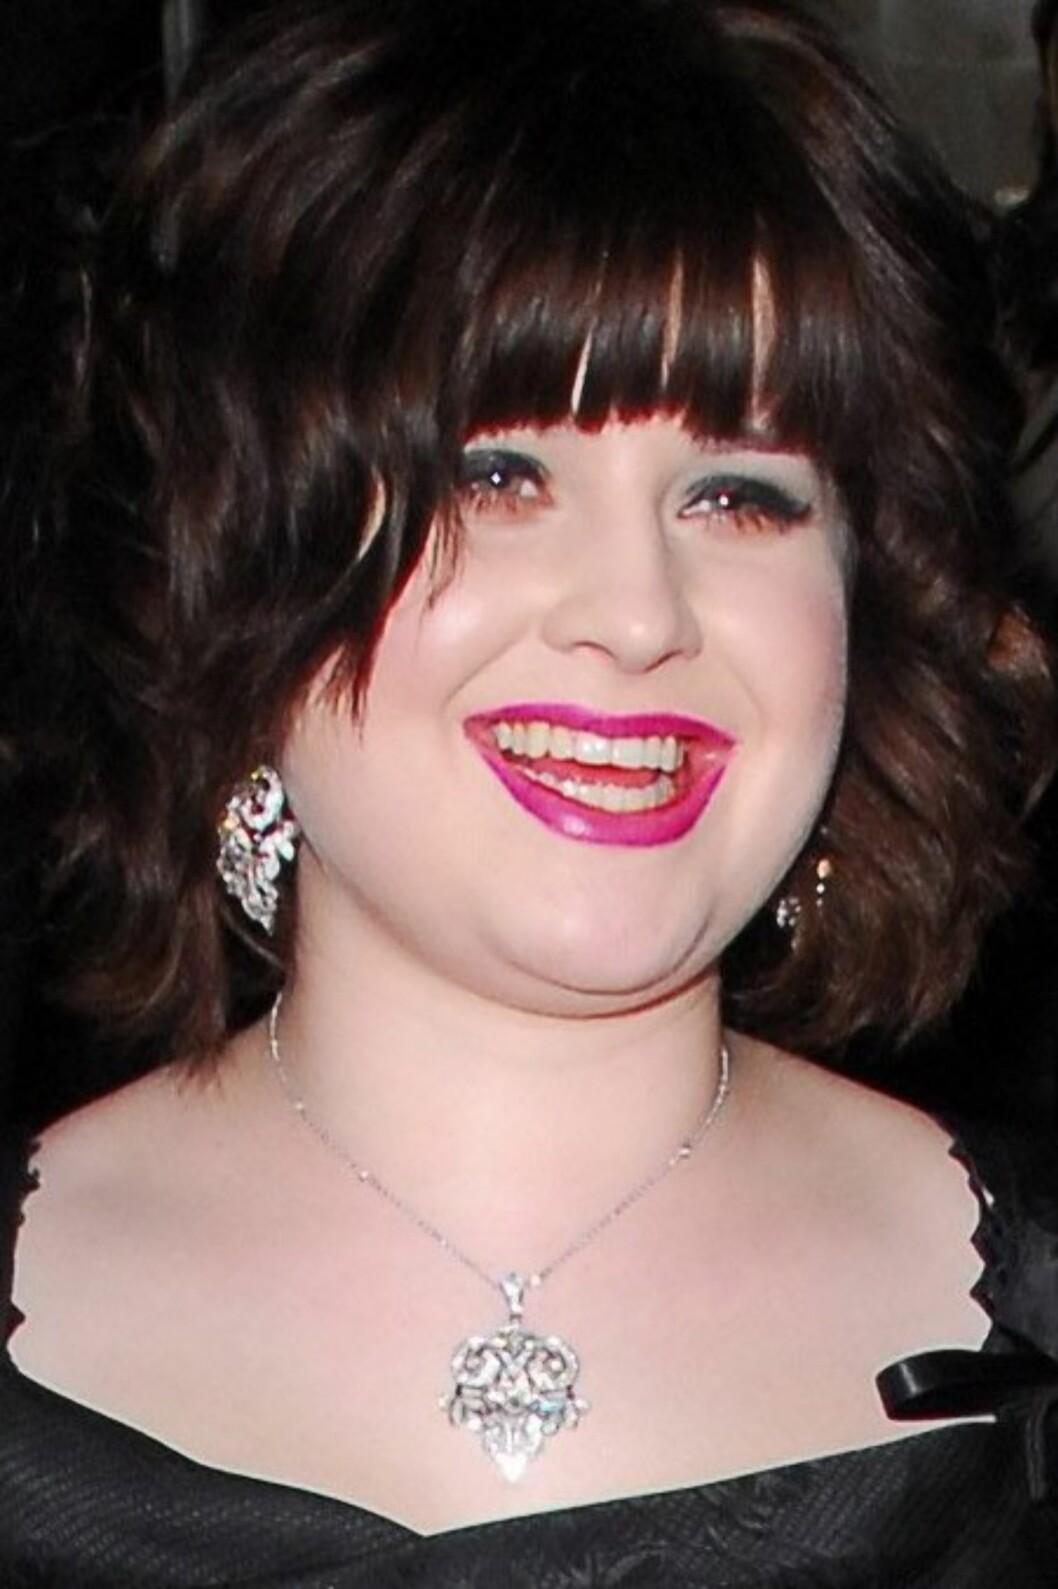 Kelly Osbourne er kledd til fest. Men har hun lånt sin mor Sharons leppestift, tro? En forbløffende forandring til det verre i forhold til slik hun fremstår på teaterscenen.